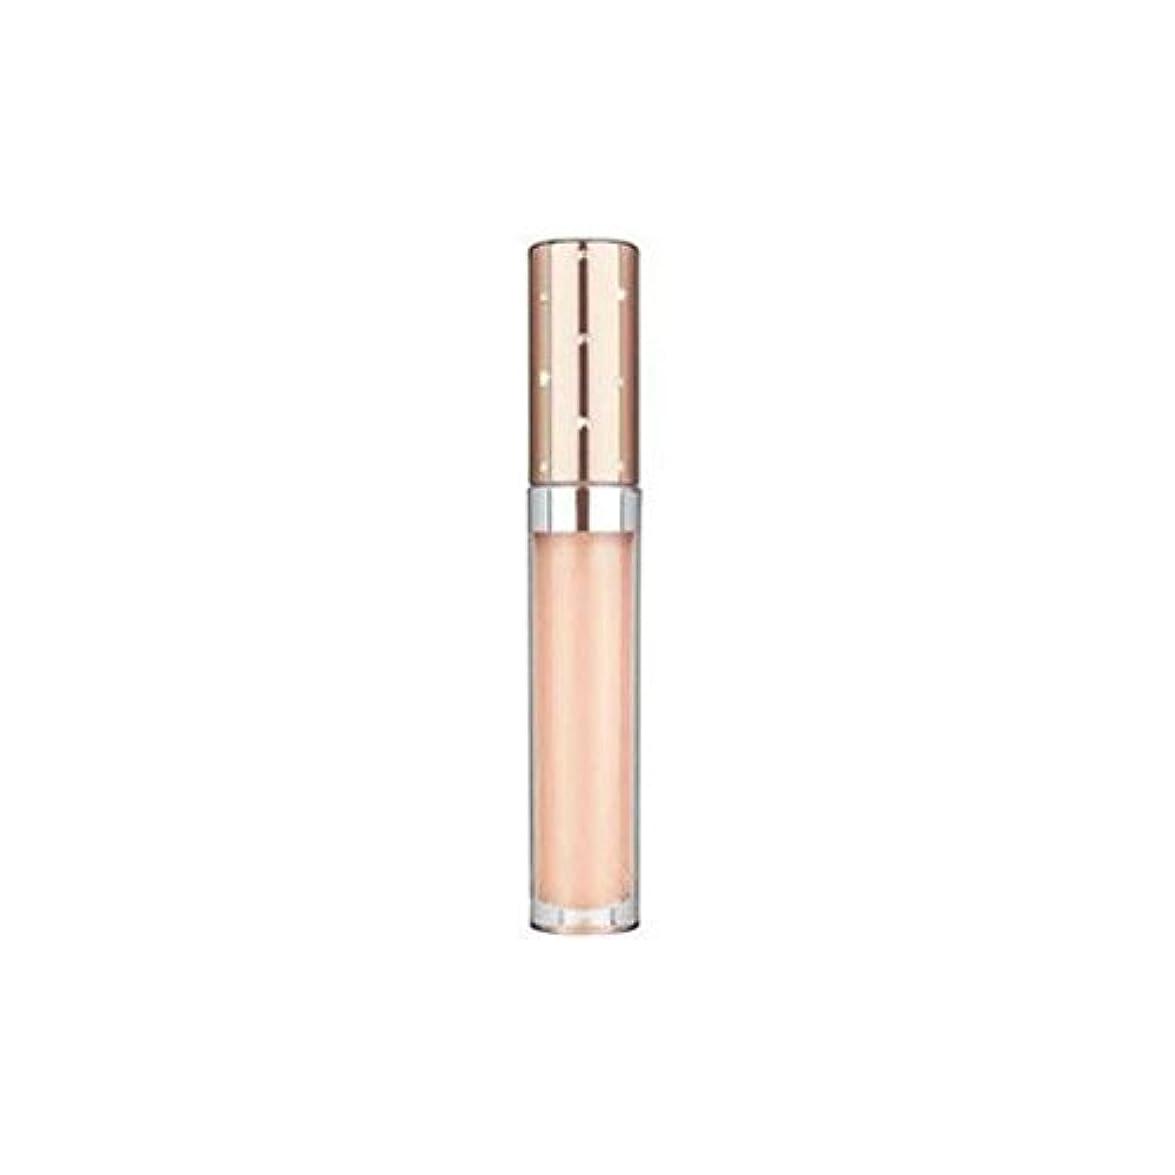 ビザアグネスグレイ息を切らしてNubo Instant Lip Perfection Spf15 (5ml) - インスタントリップパーフェクション15(5ミリリットル) [並行輸入品]